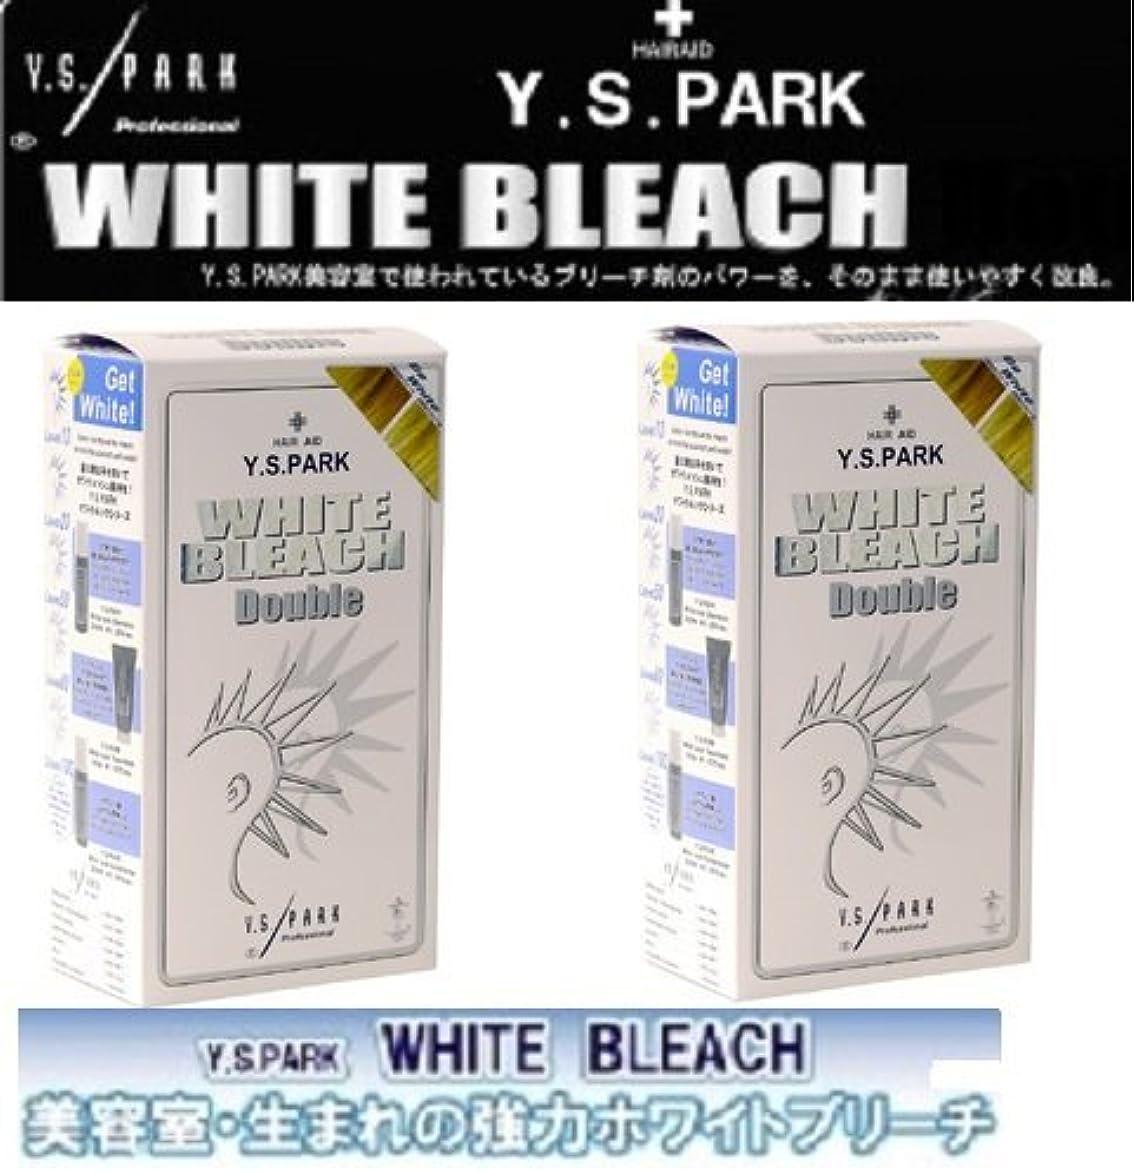 版エジプト拮抗するY.S.パーク ホワイトブリーチ ダブル60g(お得な2個組)美容室生まれの強力ホワイトブリーチ?強力ホワイトブリーチに大容量サイズが登場!